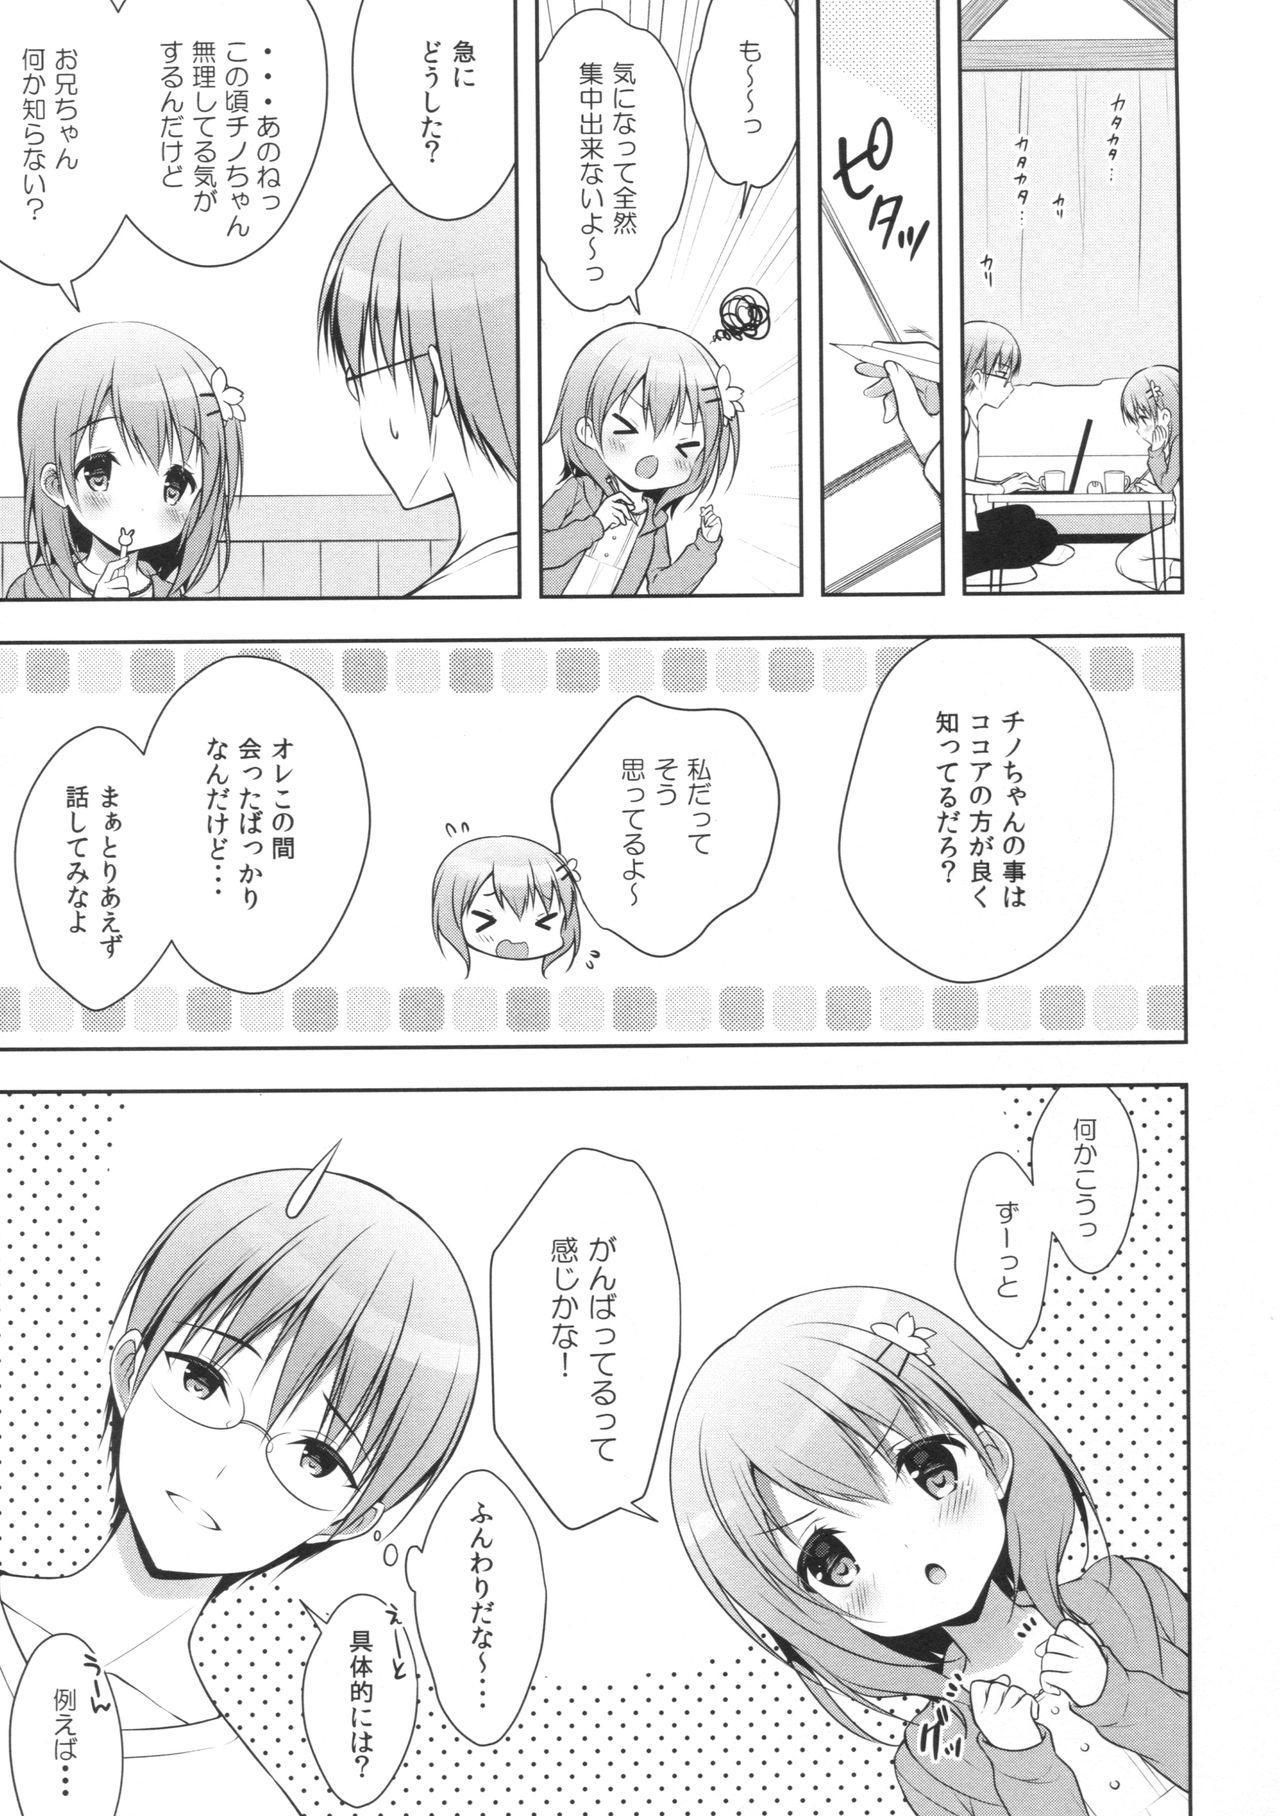 Chino-chan wa Goshuushin Kokoa√ 5